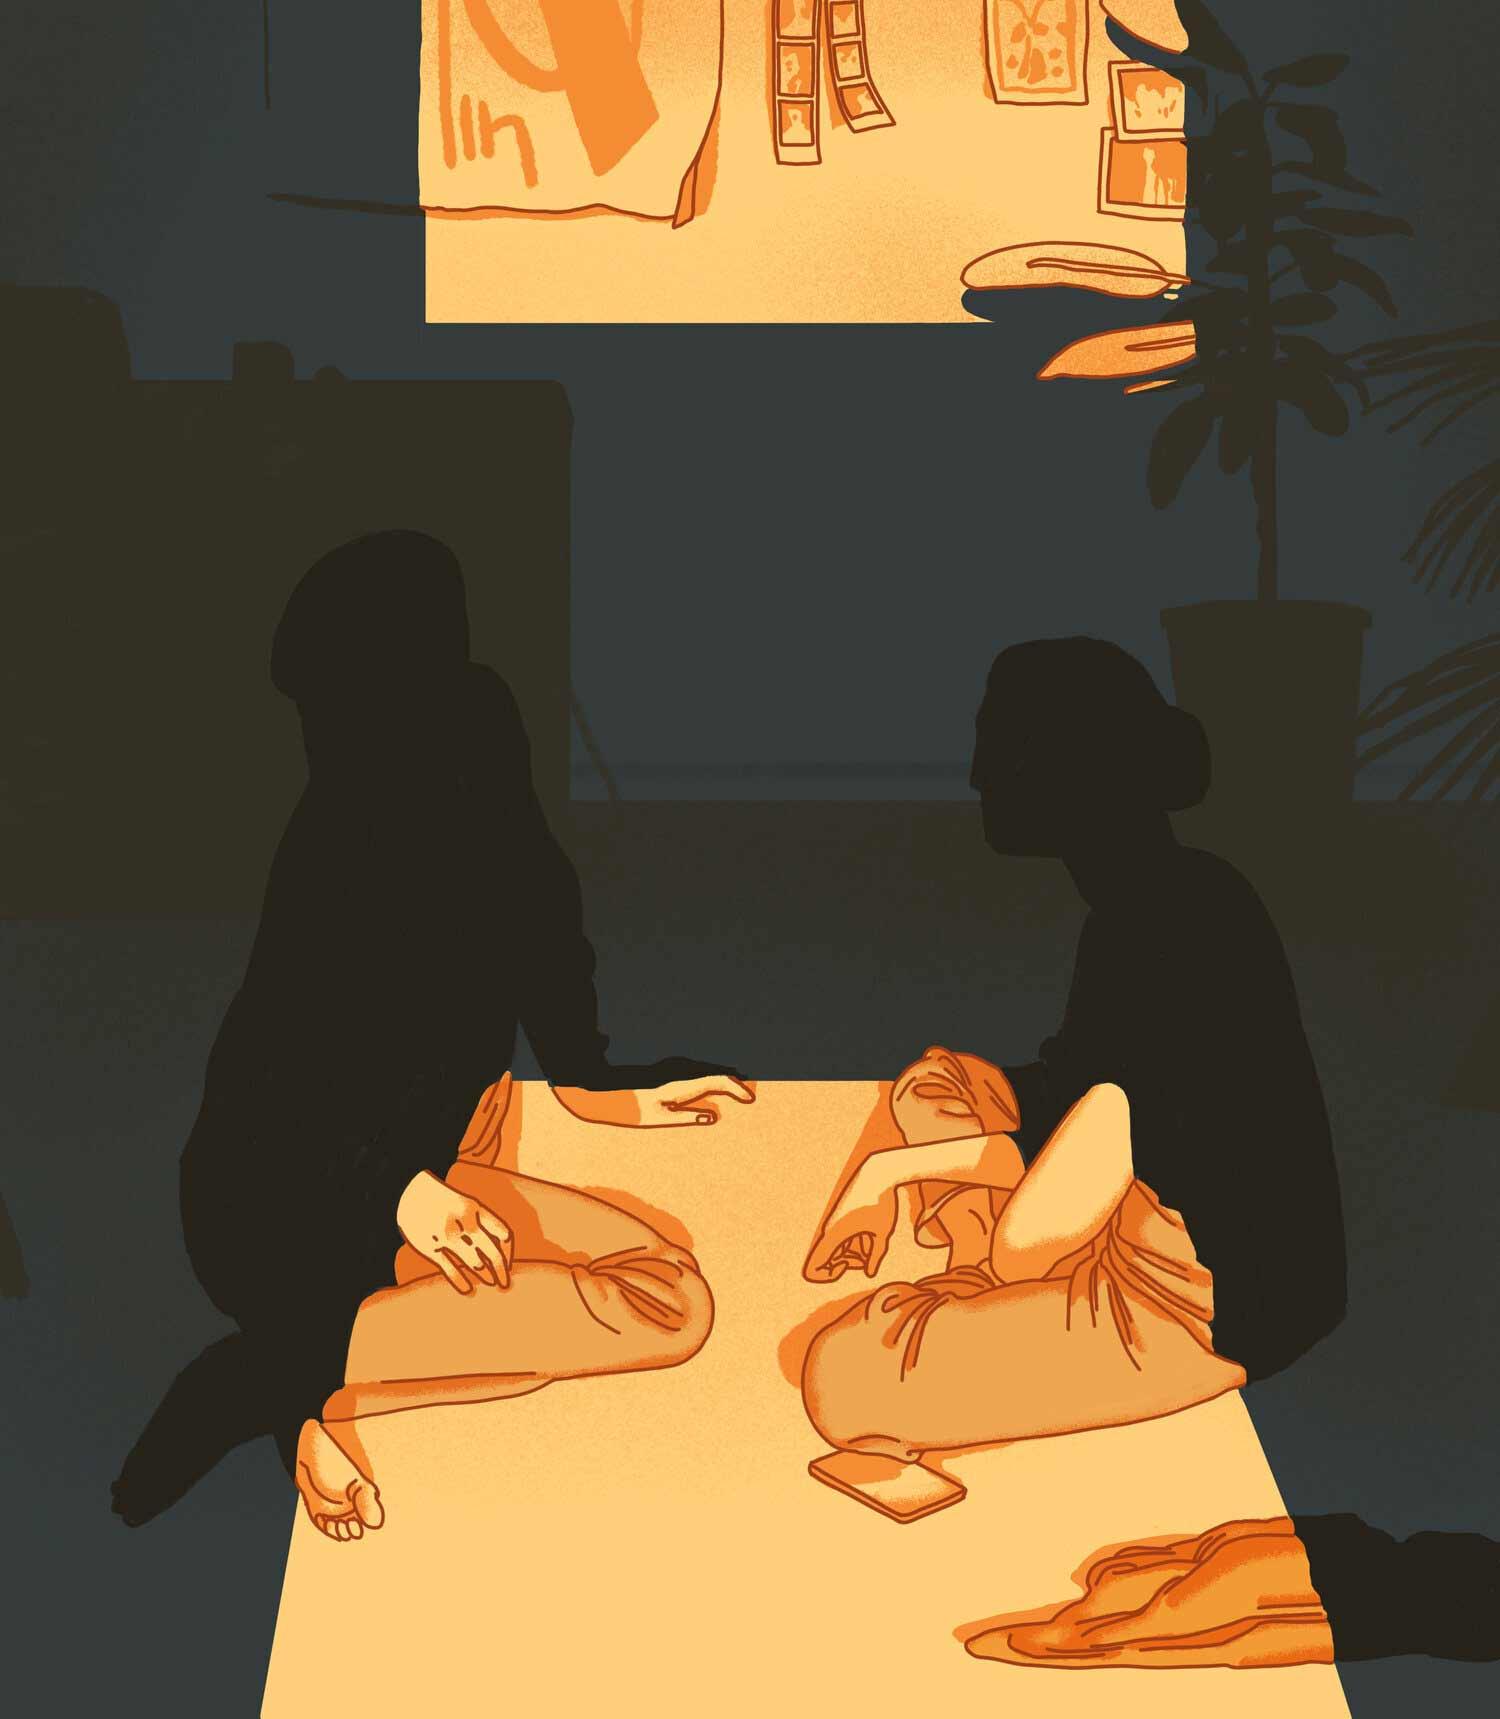 Illustrationen von Avalon Nuovo Avalon-Nuovo-illustration_03